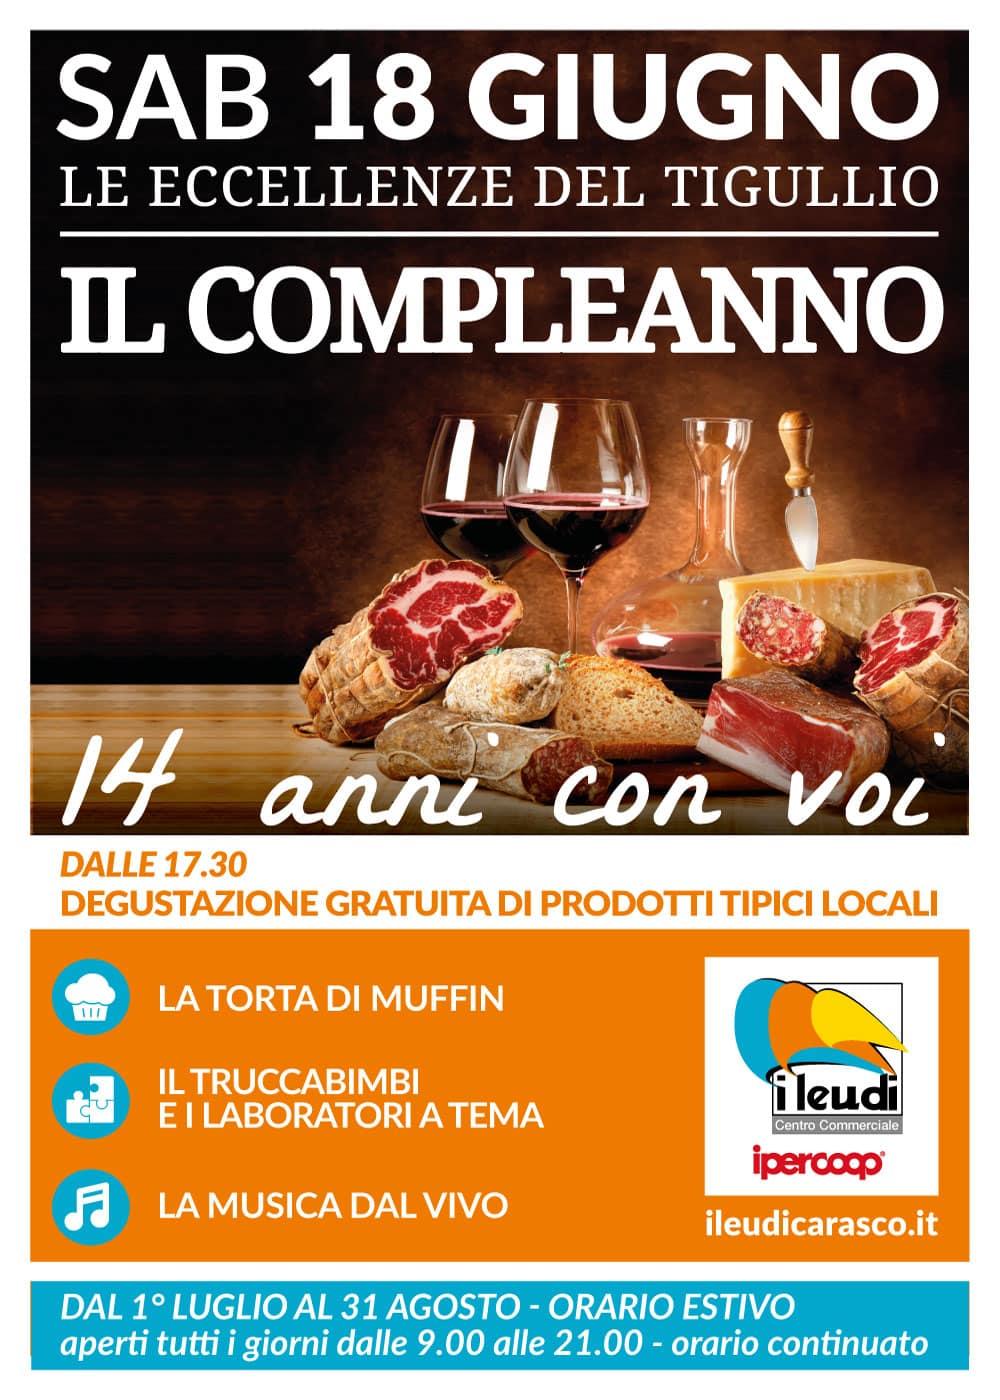 leudi_compleanno-web